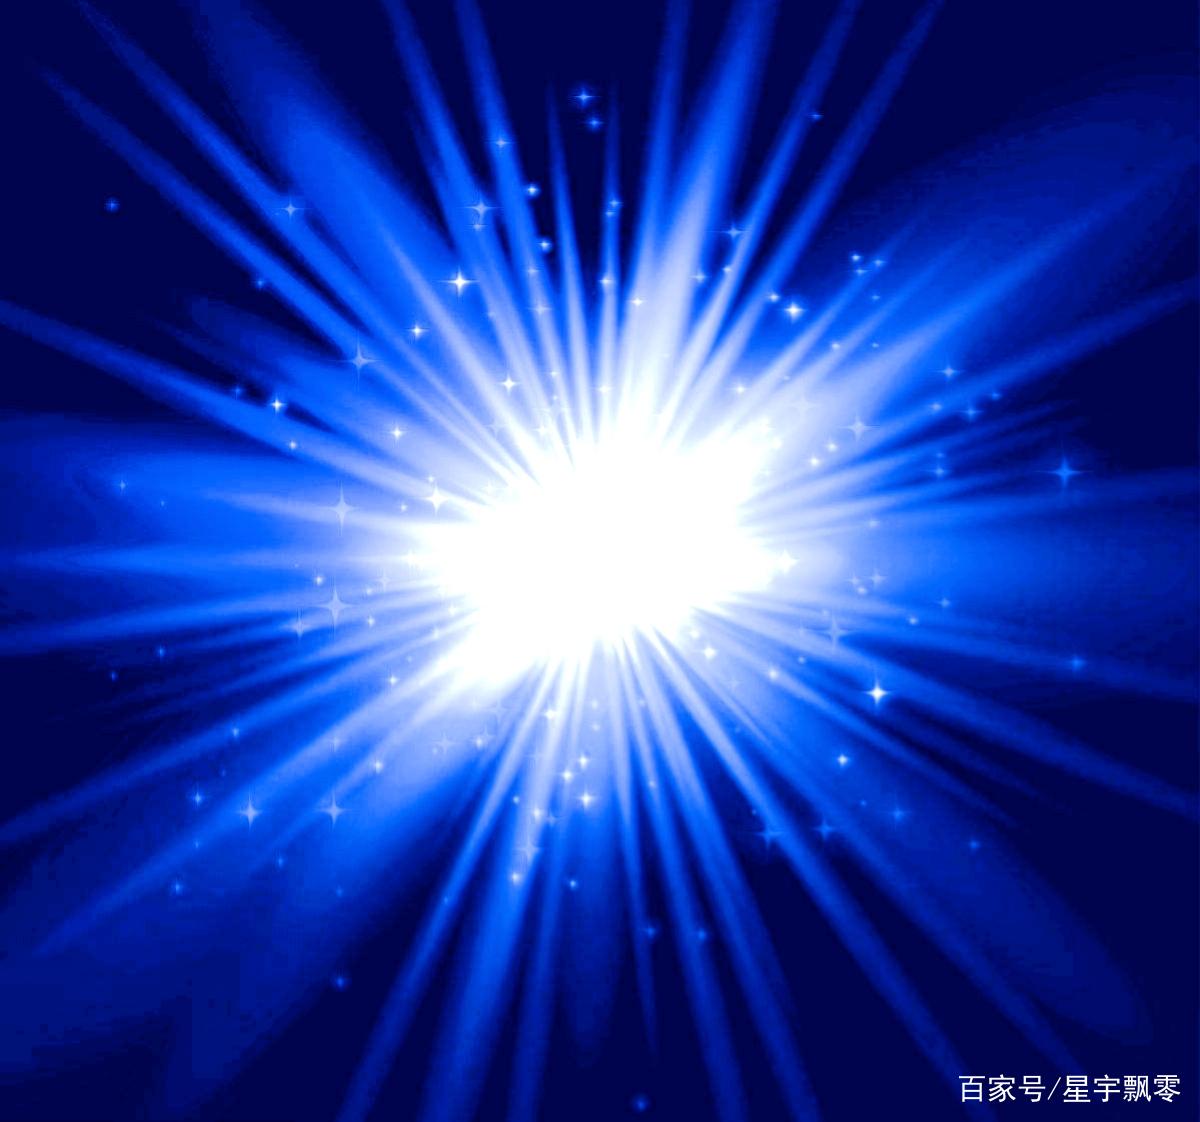 随着霍金辐射损失质量,黑洞会退回恒星状态吗?